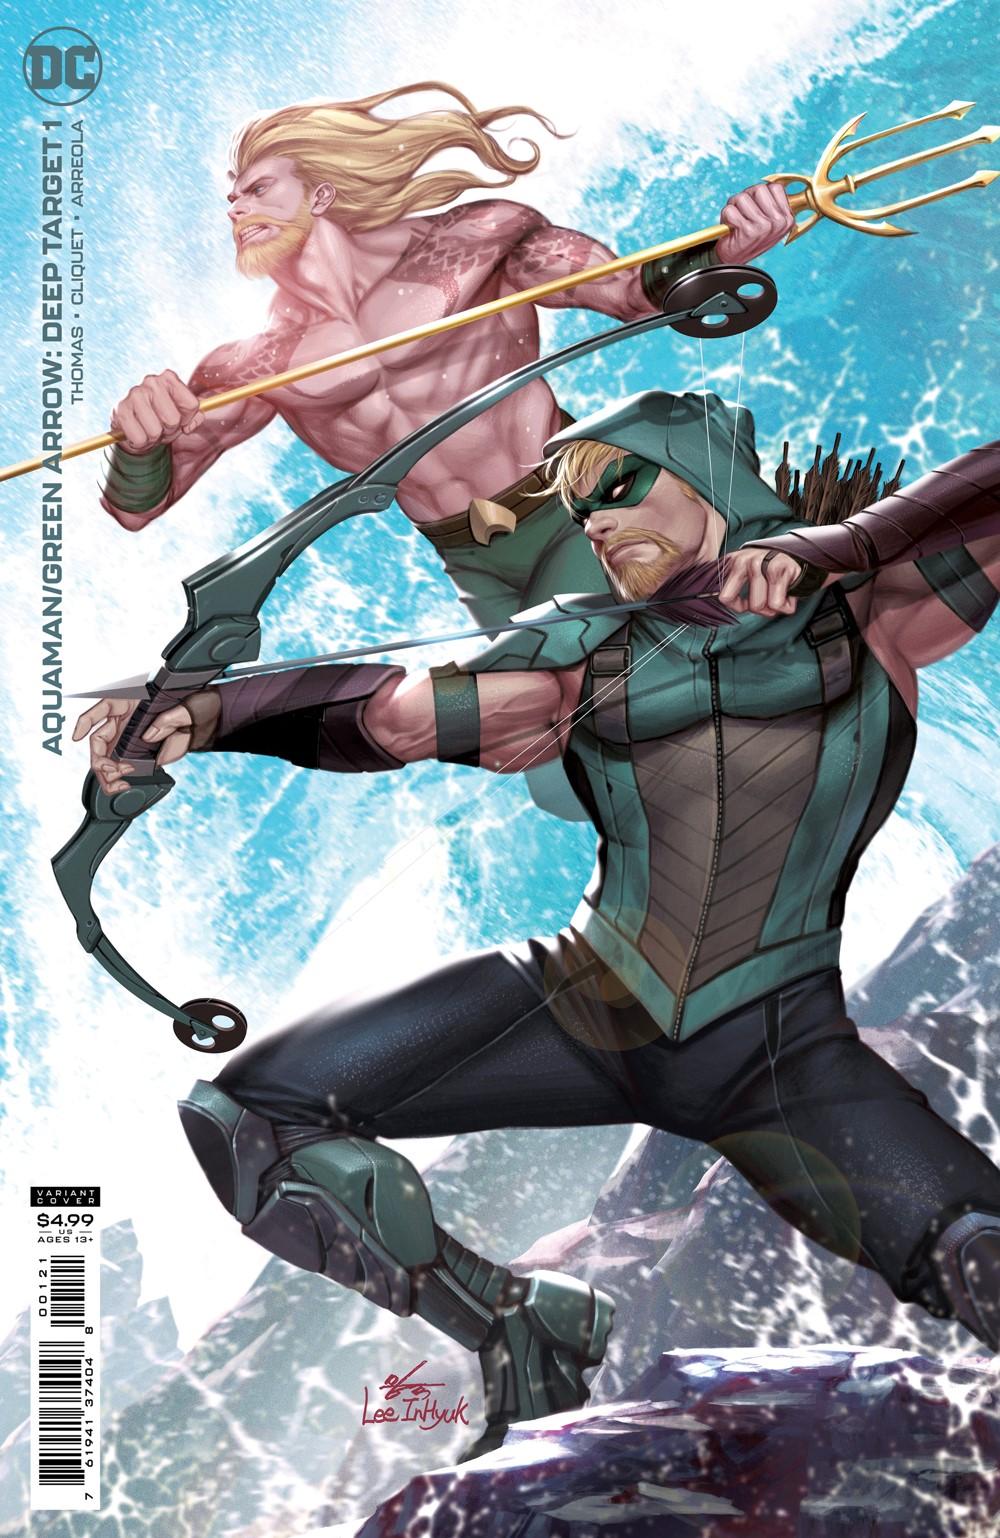 AQMGA_DT_Cv1_var_00121 DC Comics October 2021 Solicitations